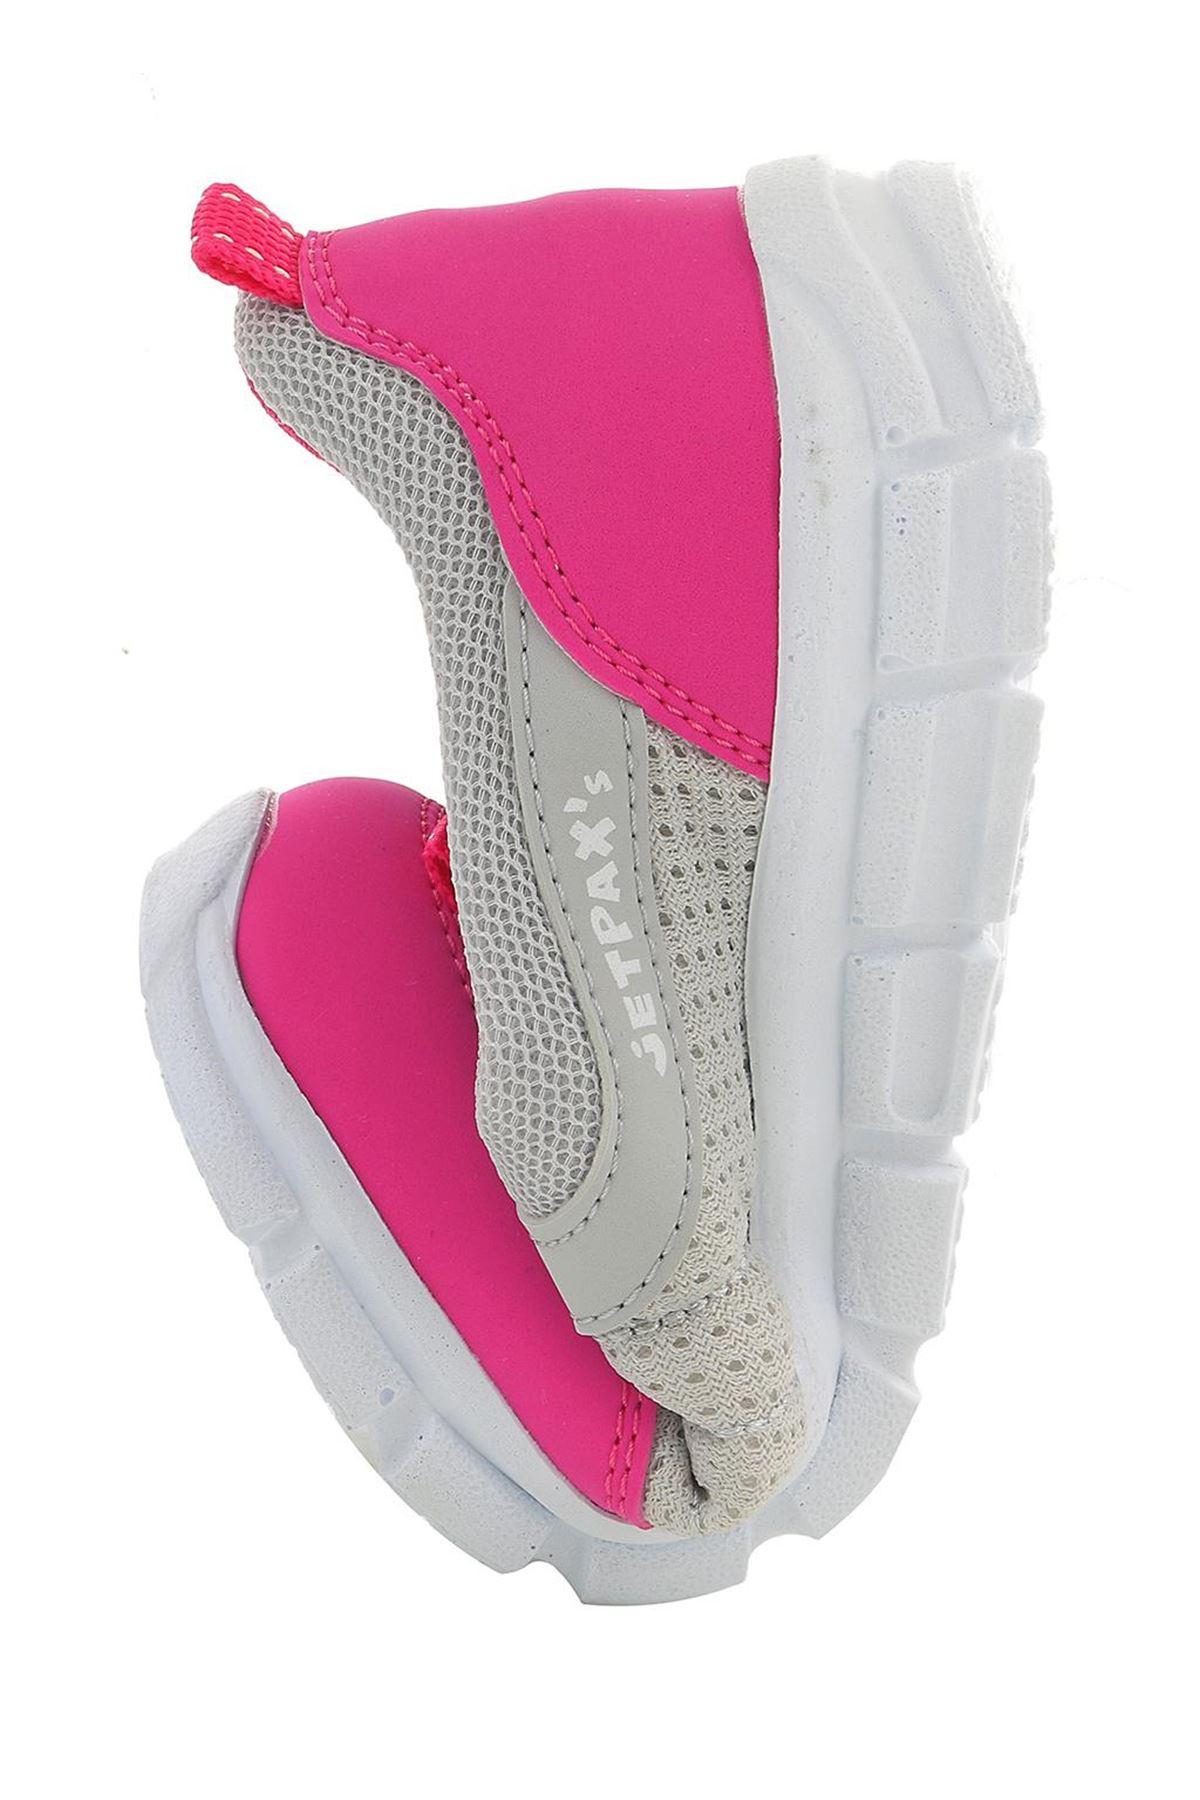 Kids World Anorak Esnek Comfort Kız Çocuk Ayakkabı